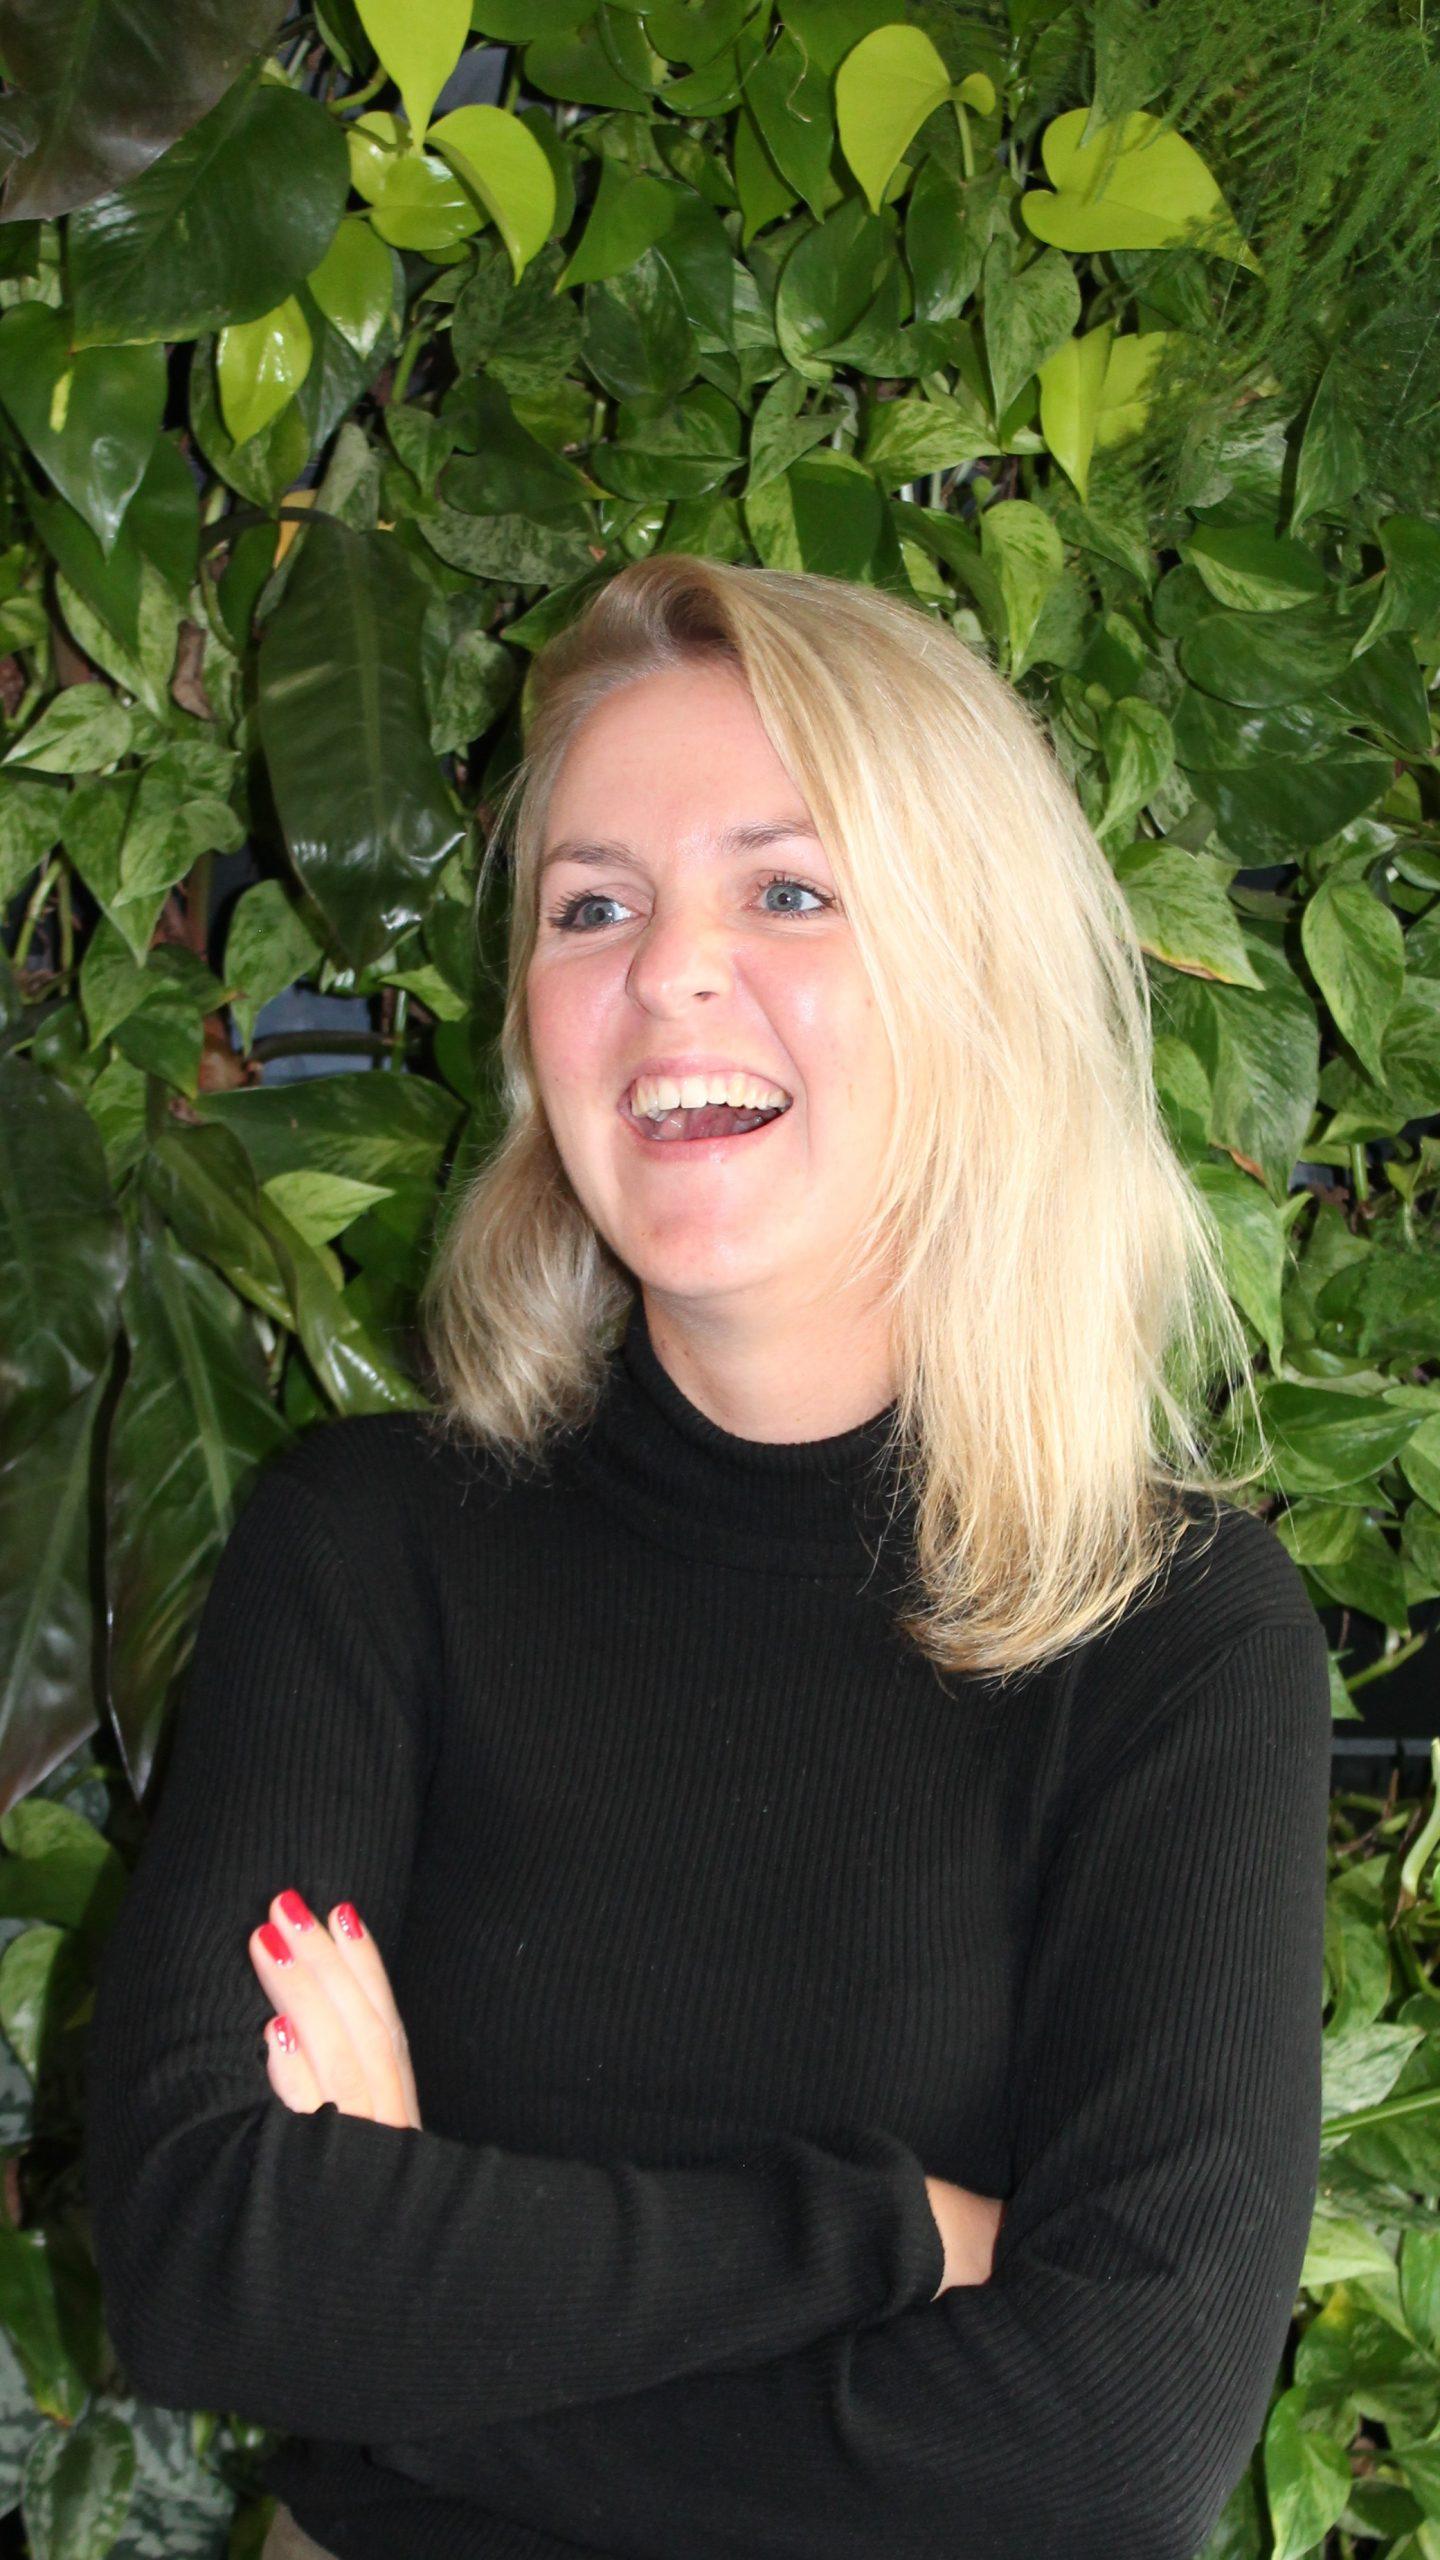 Anne-Jolijn Meester